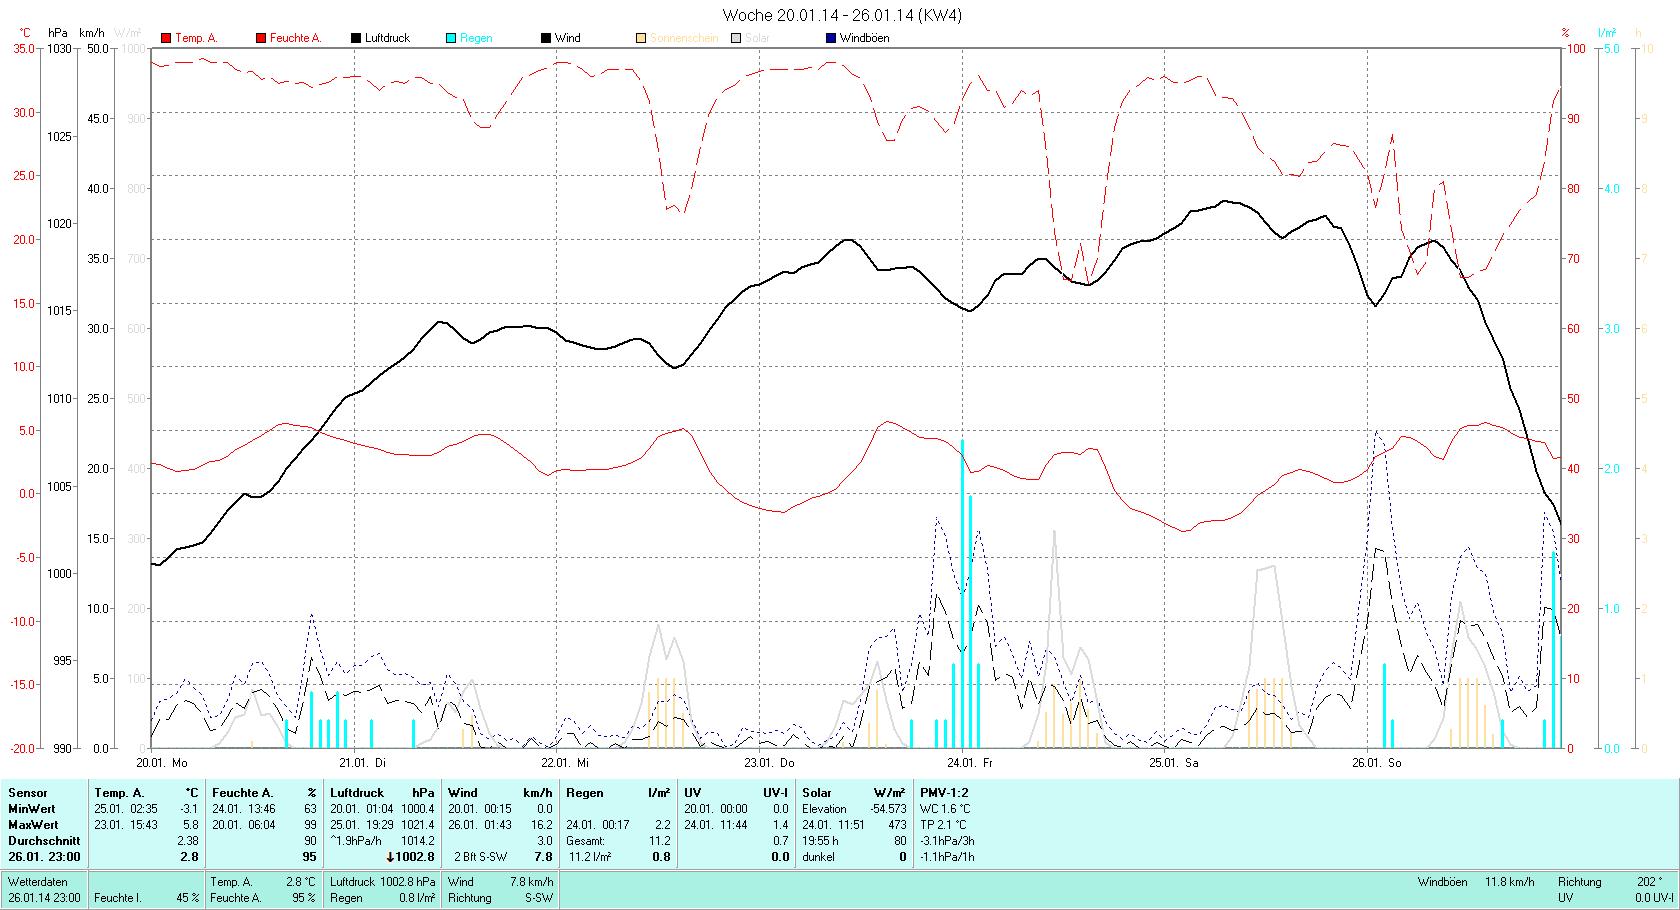 KW 04 Tmin -3.1°C, Tmax 5.8°C, Sonne 19:55h, Niederschlag 11.2mm/2